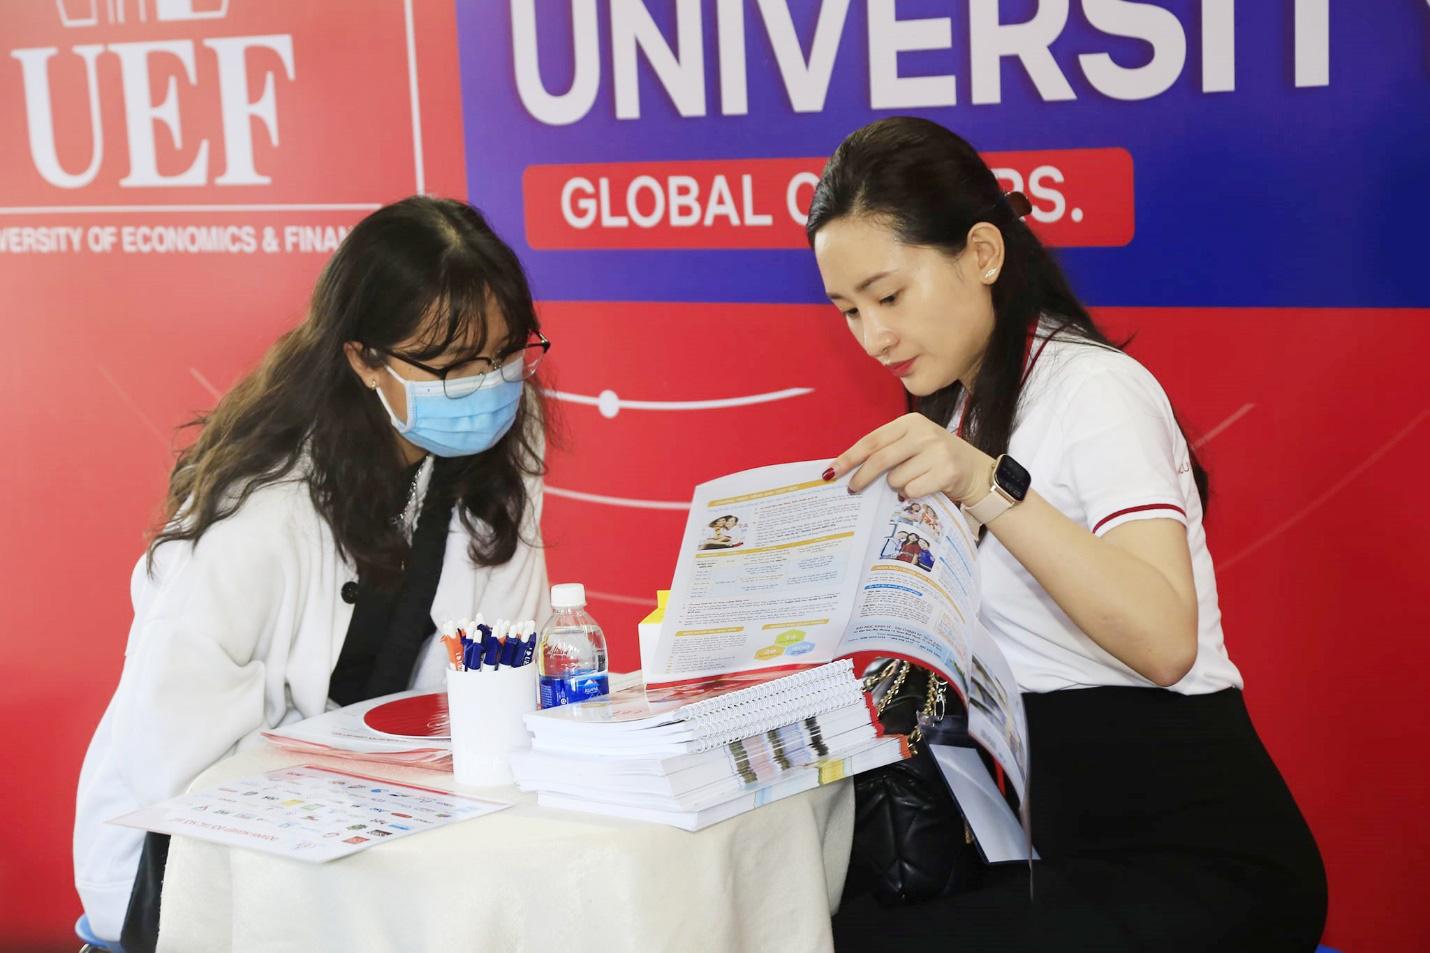 Bí quyết đăng ký nguyện vọng xét tuyển đại học 2k3 không nên bỏ qua - Ảnh 2.